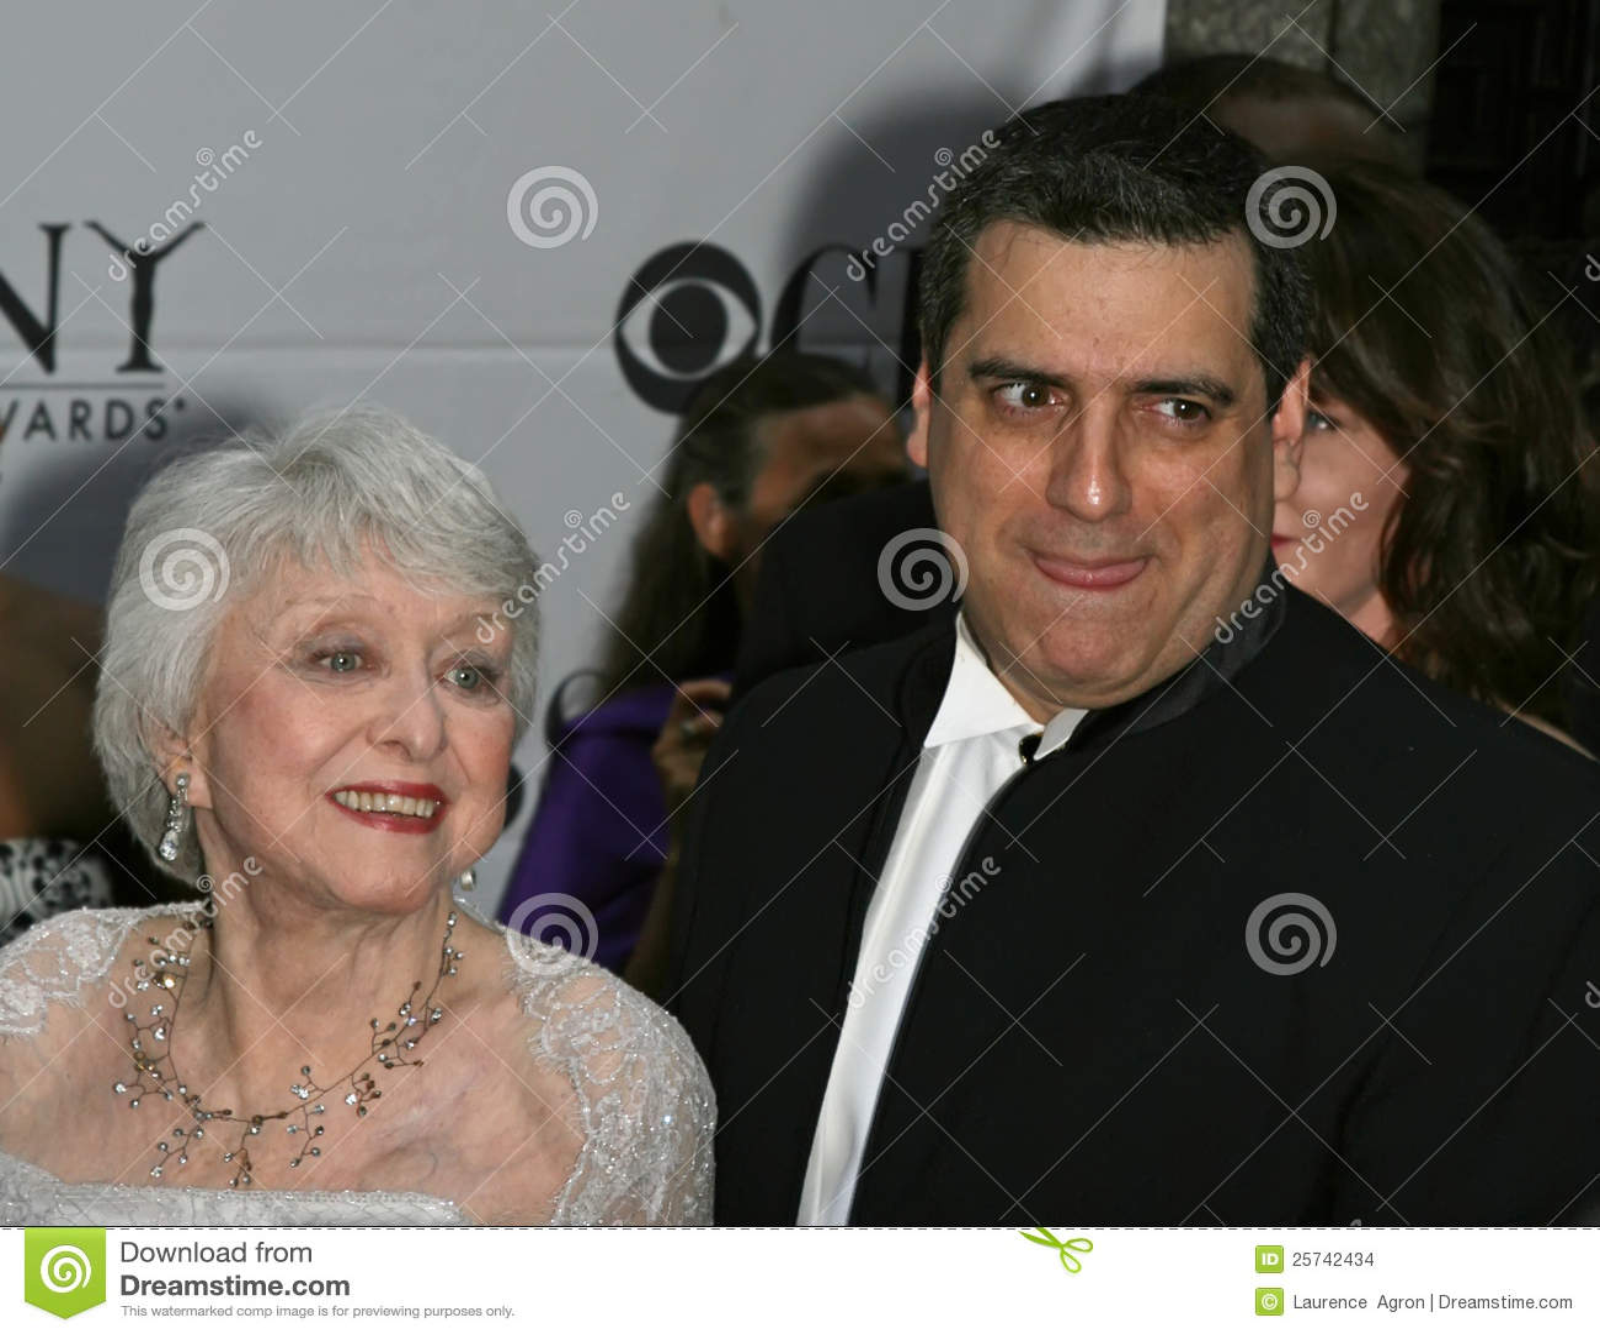 Celeste Holm and Frank Basile